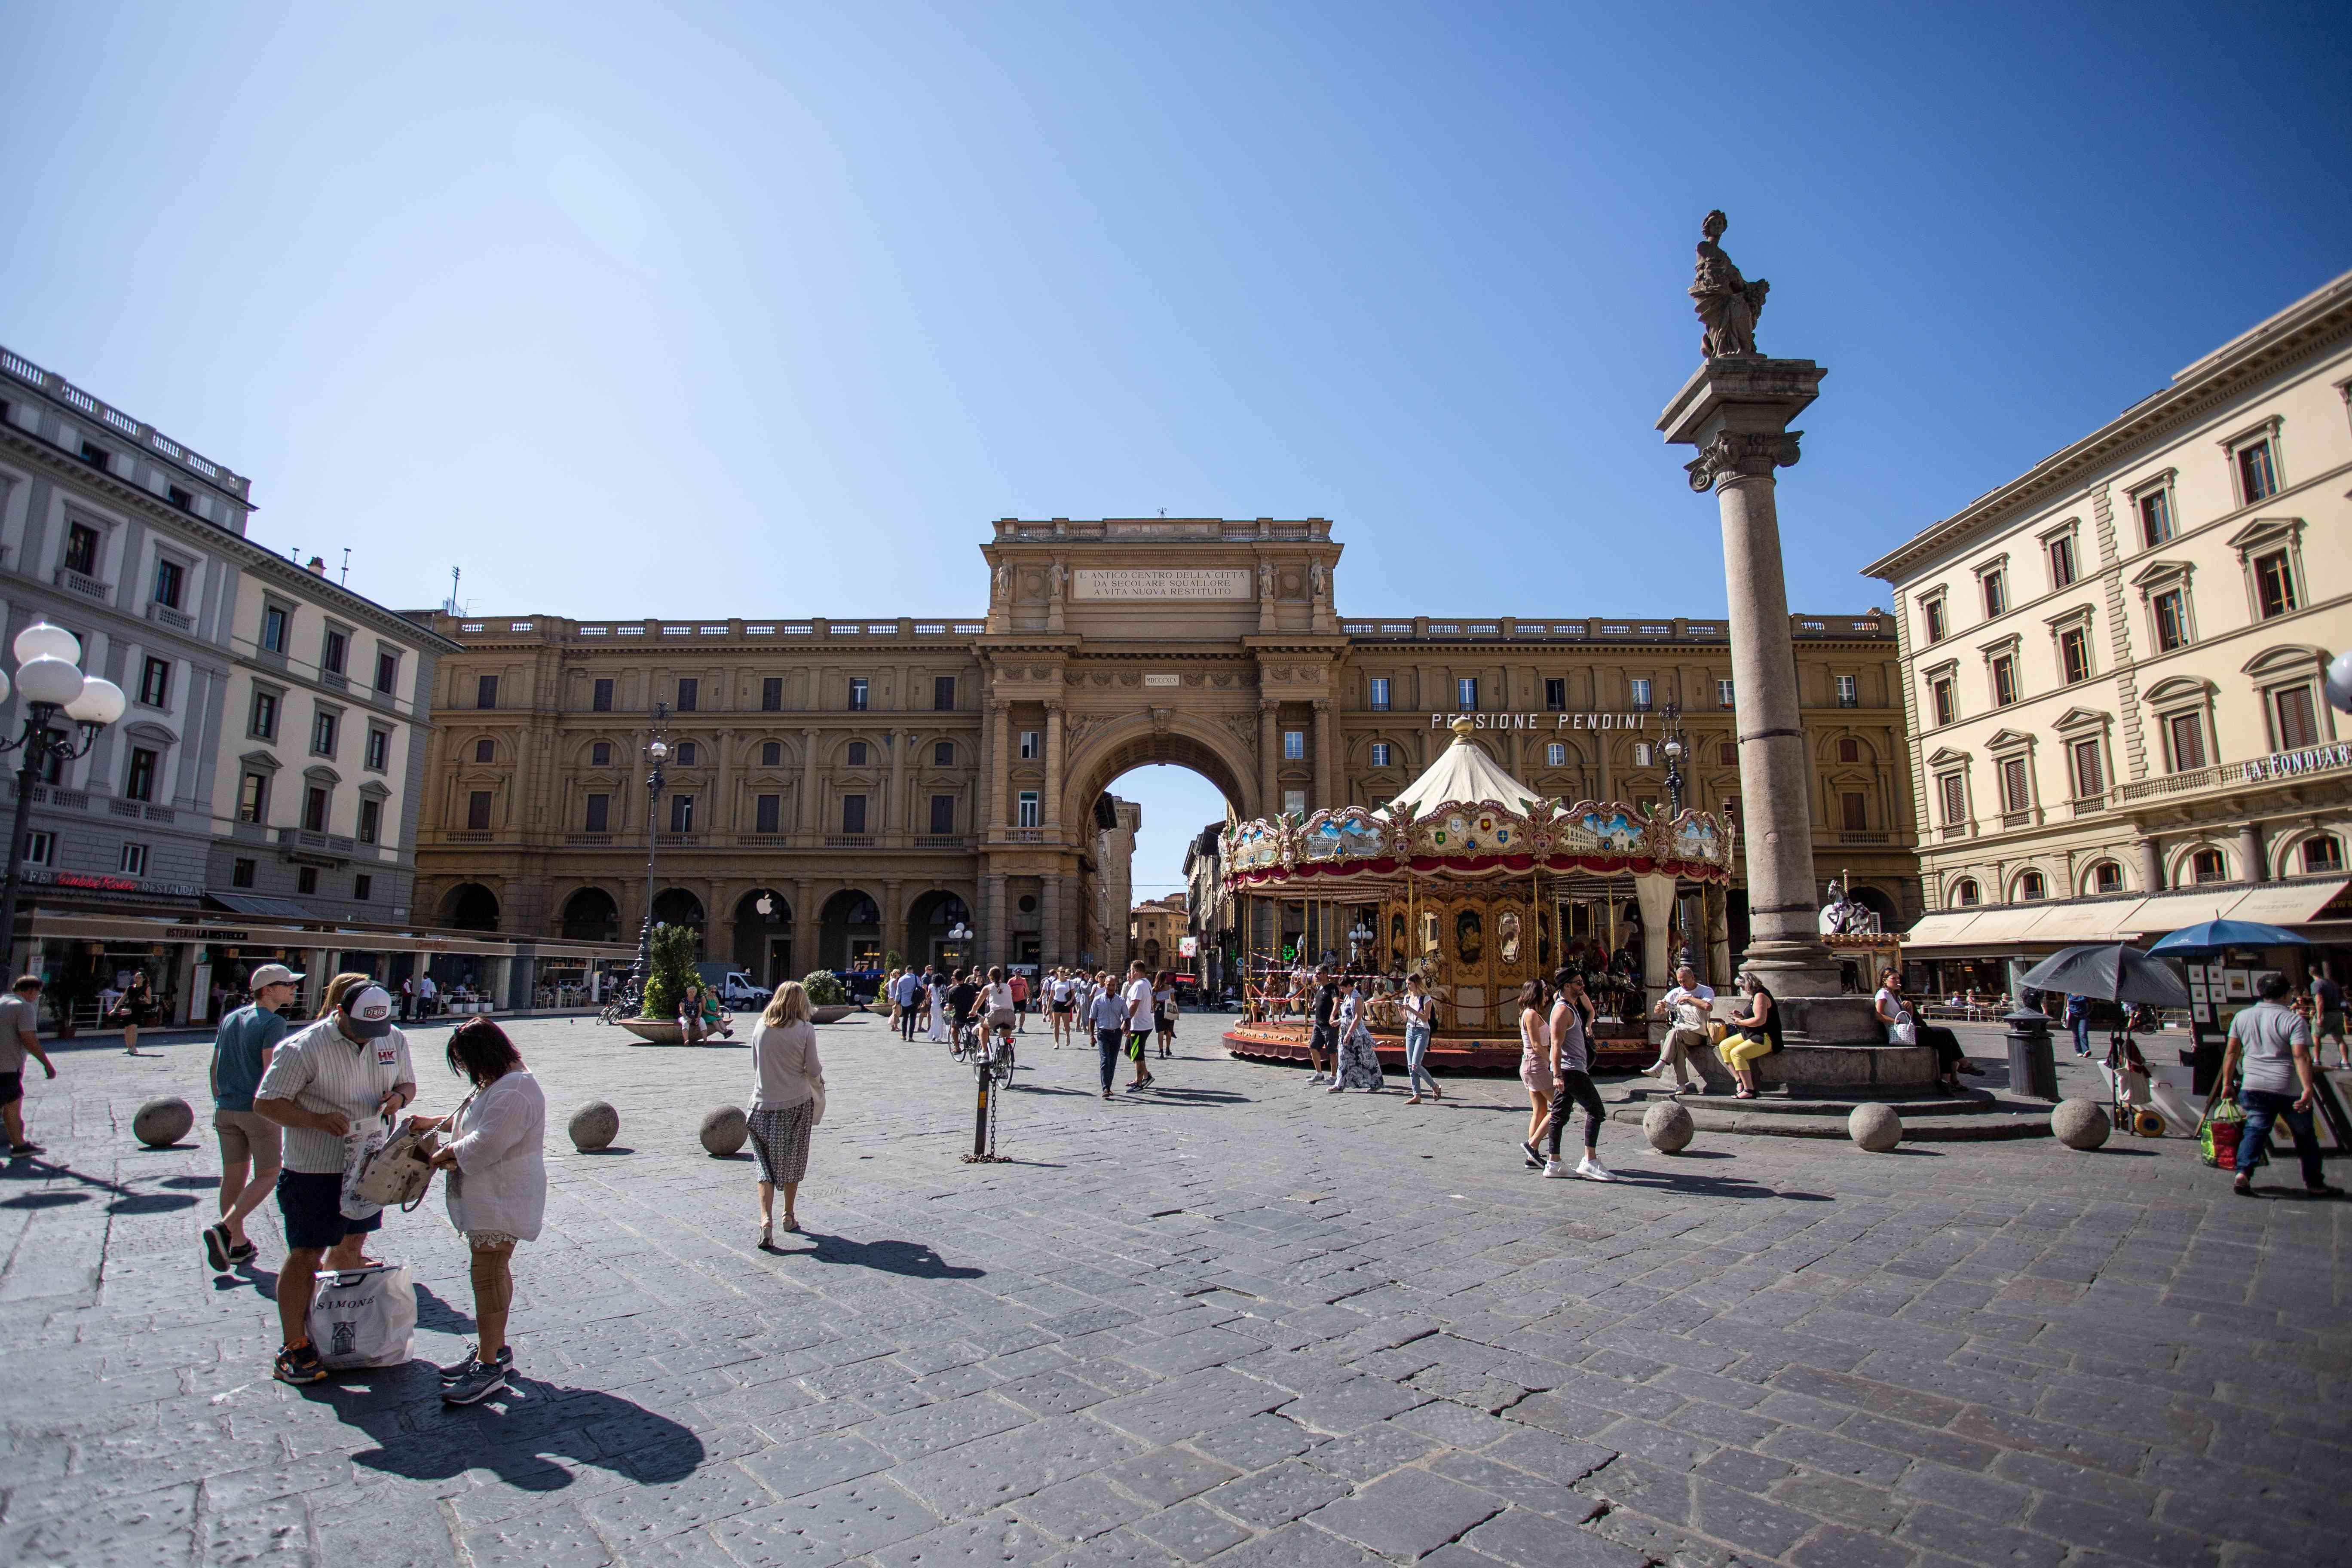 Piazza della Repubblica in Florence, Italy